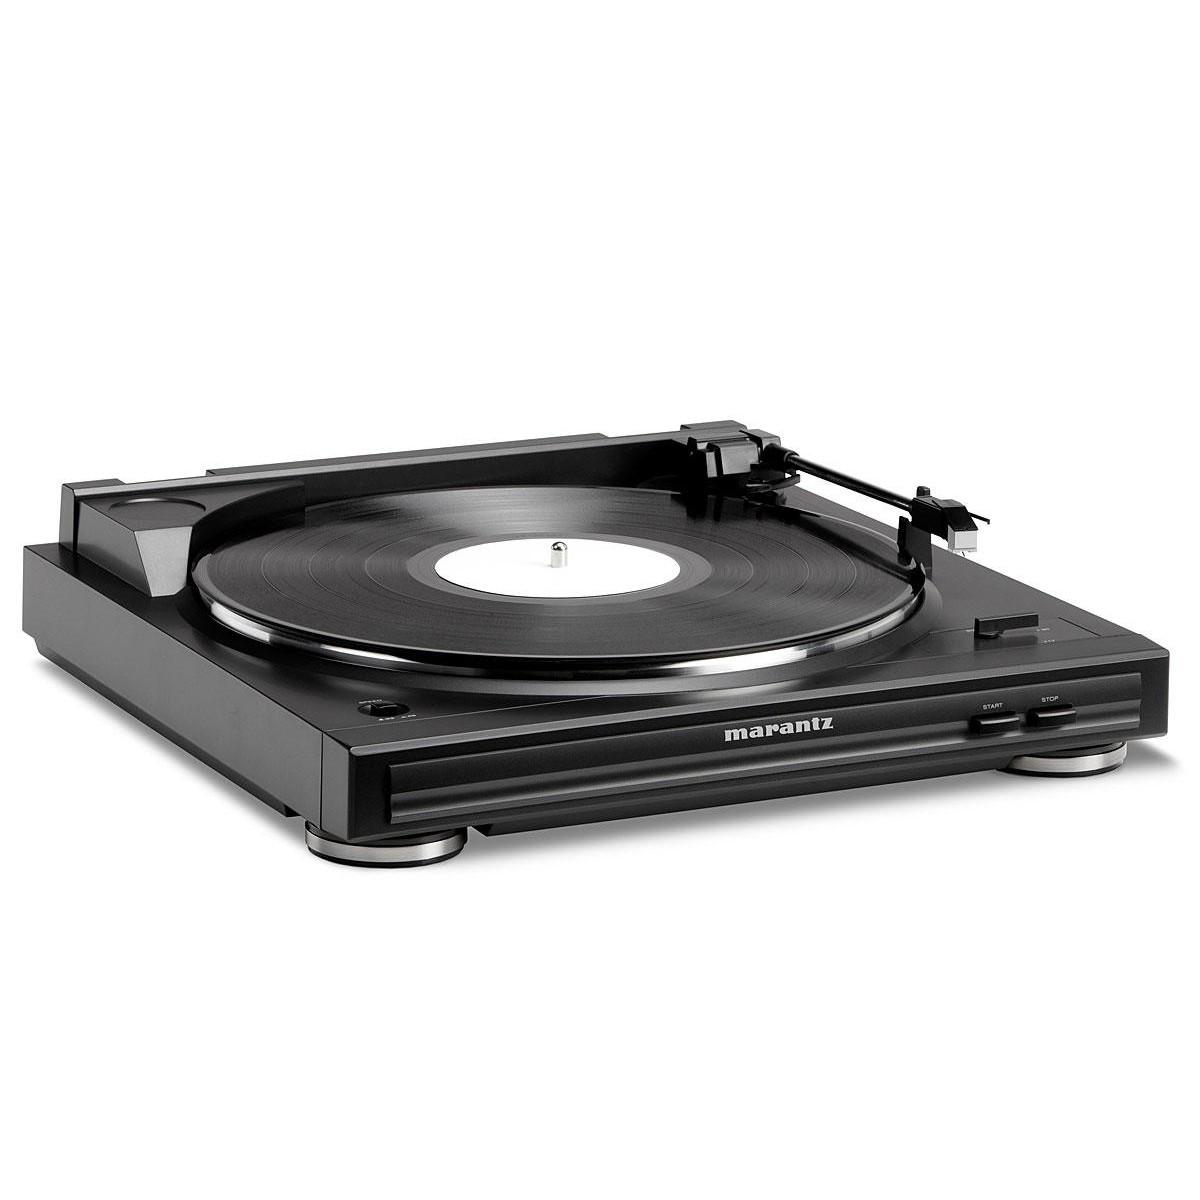 Gramofon analogowy TT5005 CZARNY